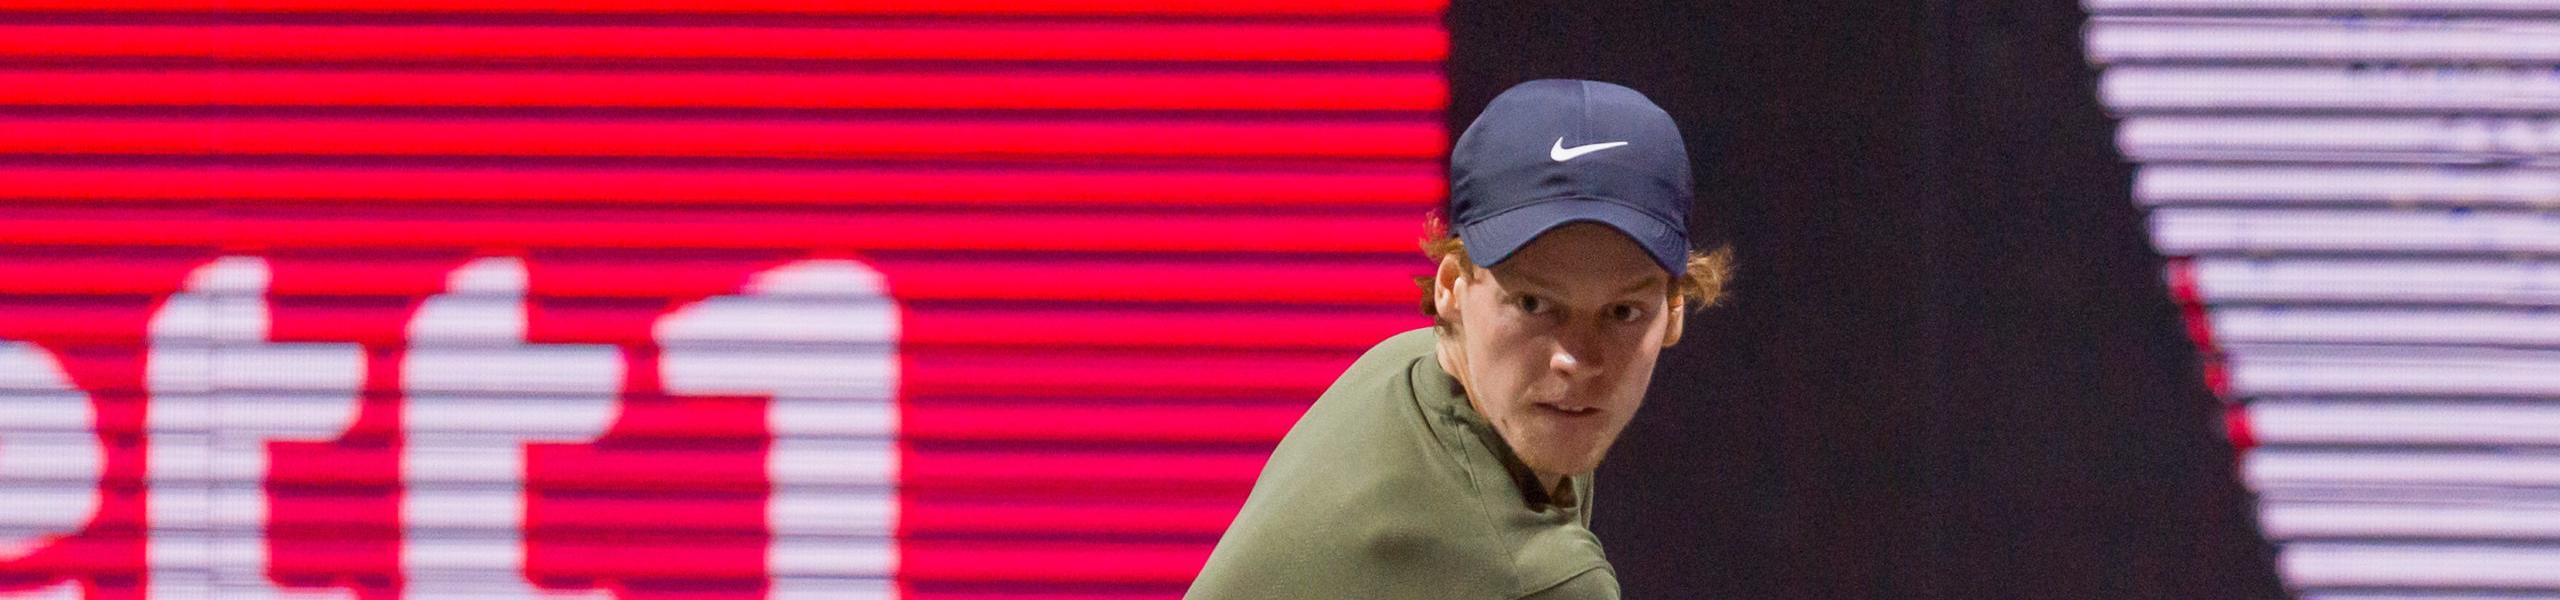 Pronostici tennis, i consigli del giorno: Sinner in campo contro de Minaur